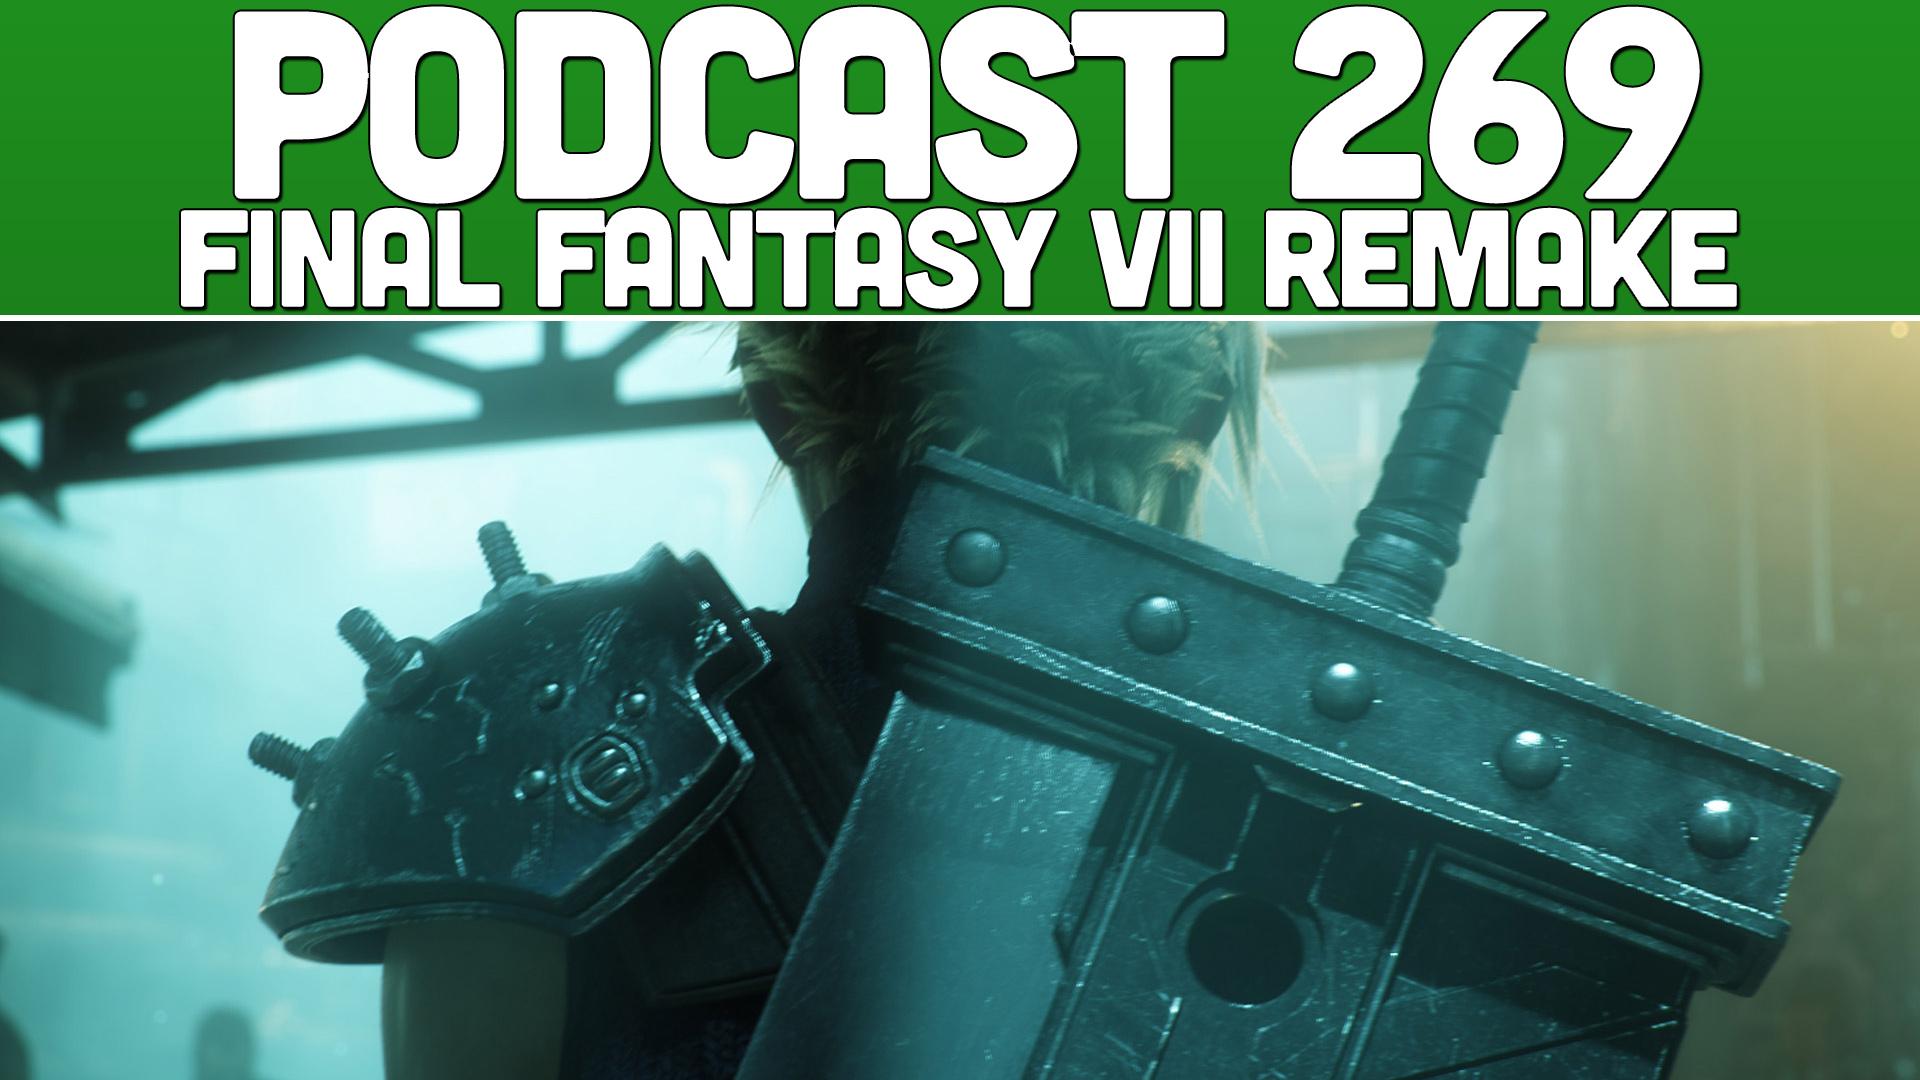 Podcast 269: Final Fantasy VII Remake On Xbox? — XONEBROS